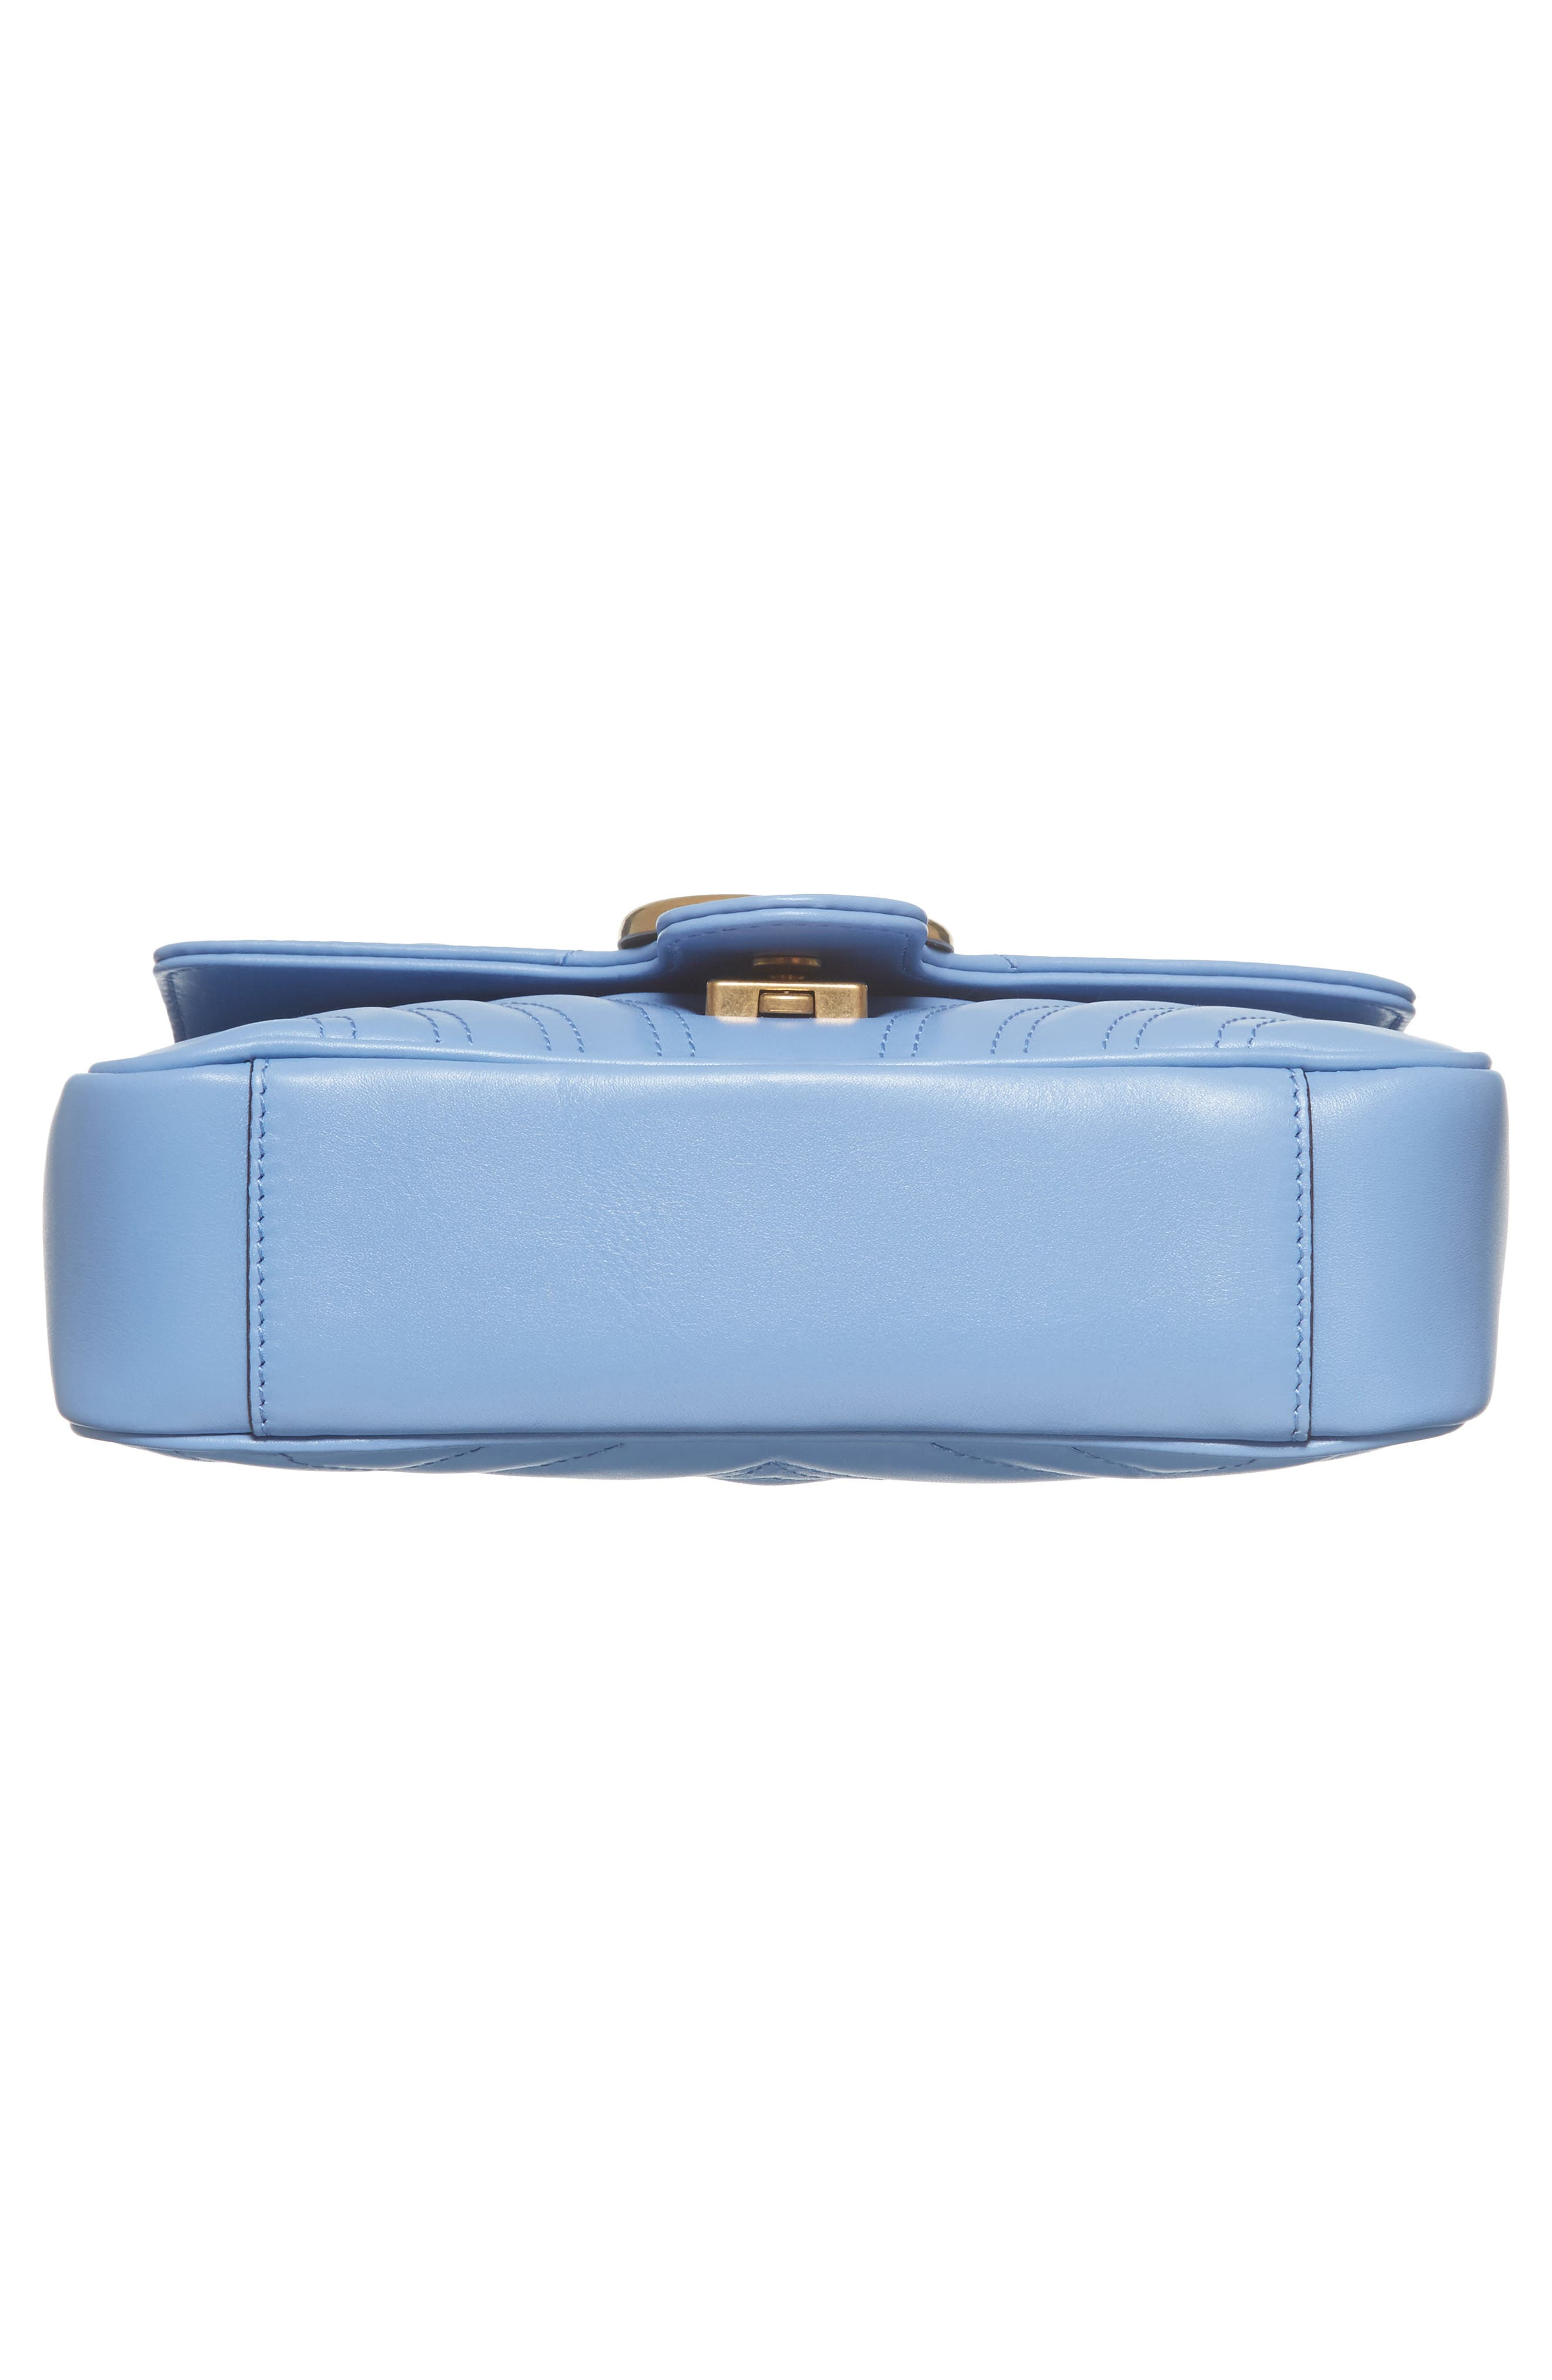 Mini GG Marmont 2.0 Matelassé Leather Shoulder Bag,                             Alternate thumbnail 6, color,                             452